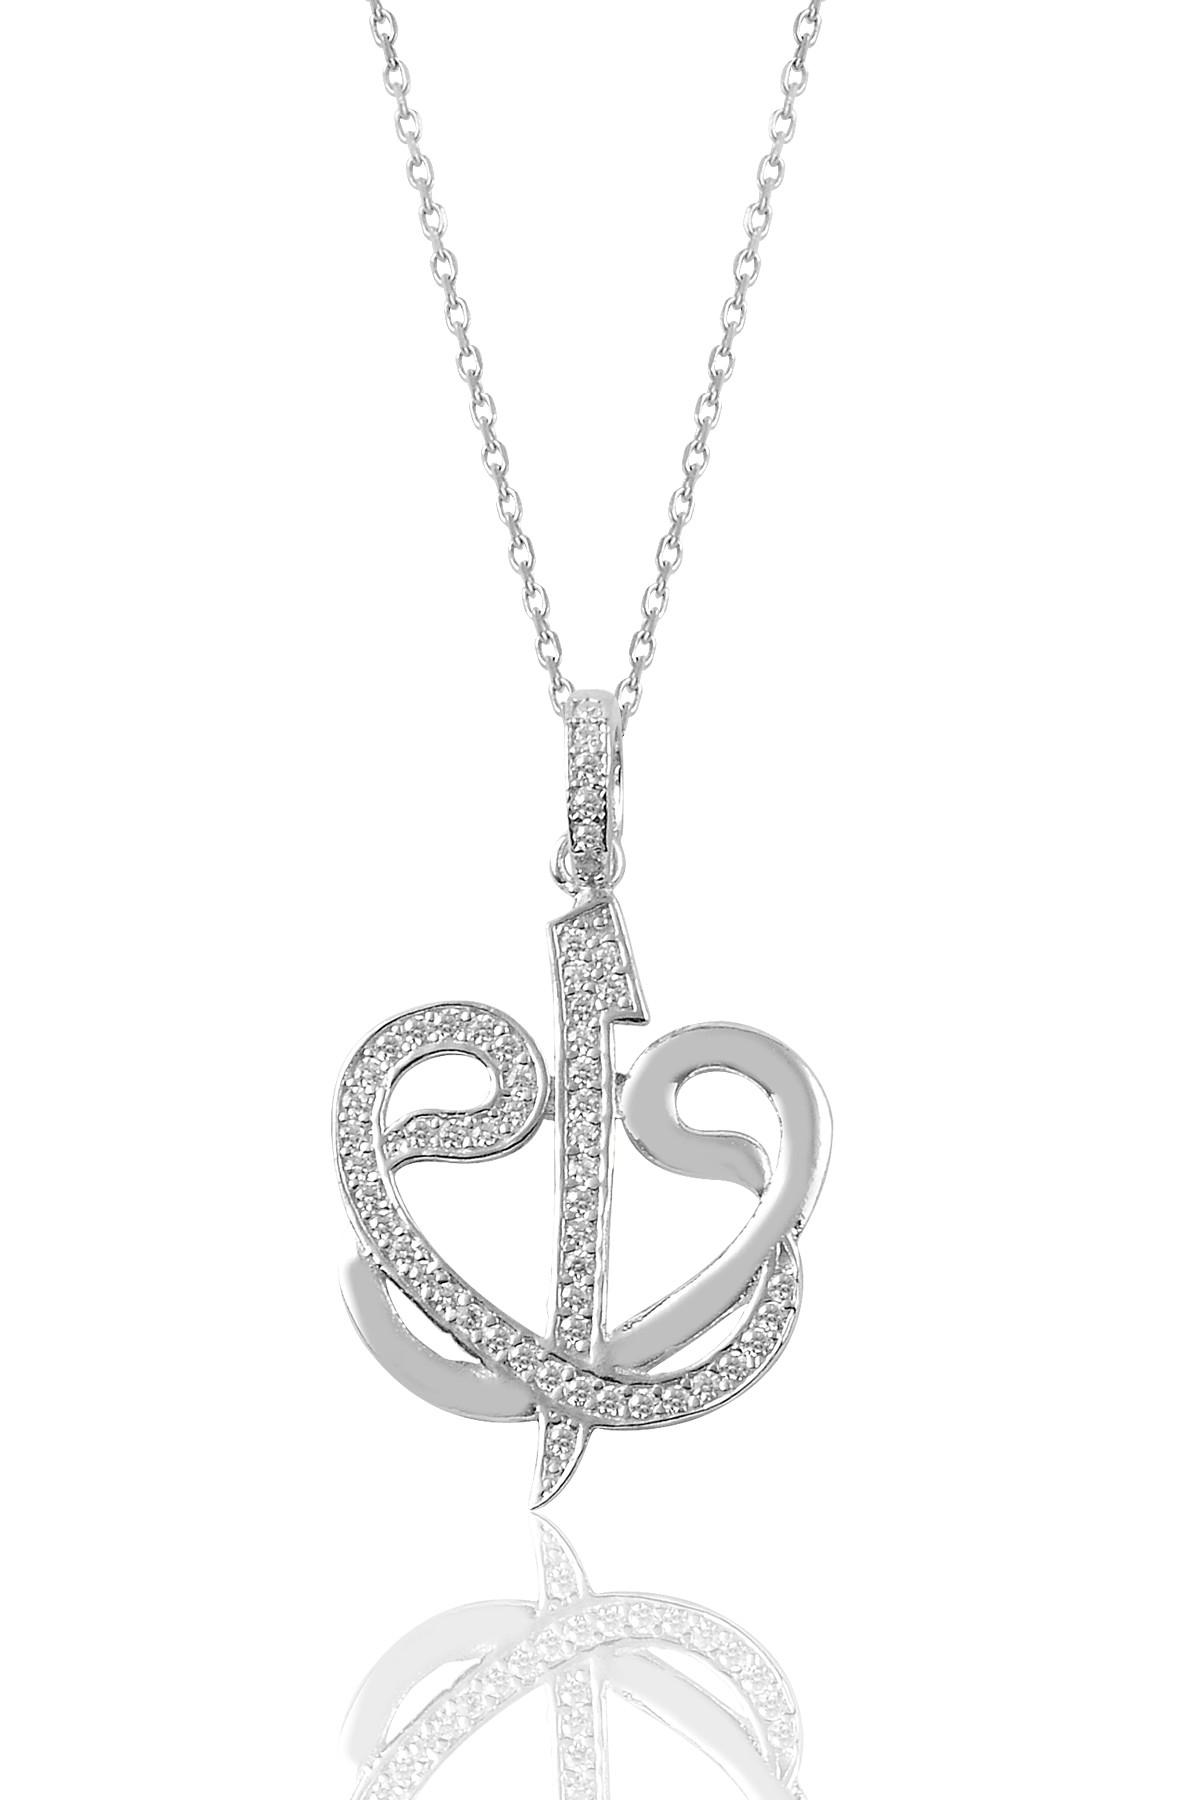 Söğütlü Silver Gümüş Kolye